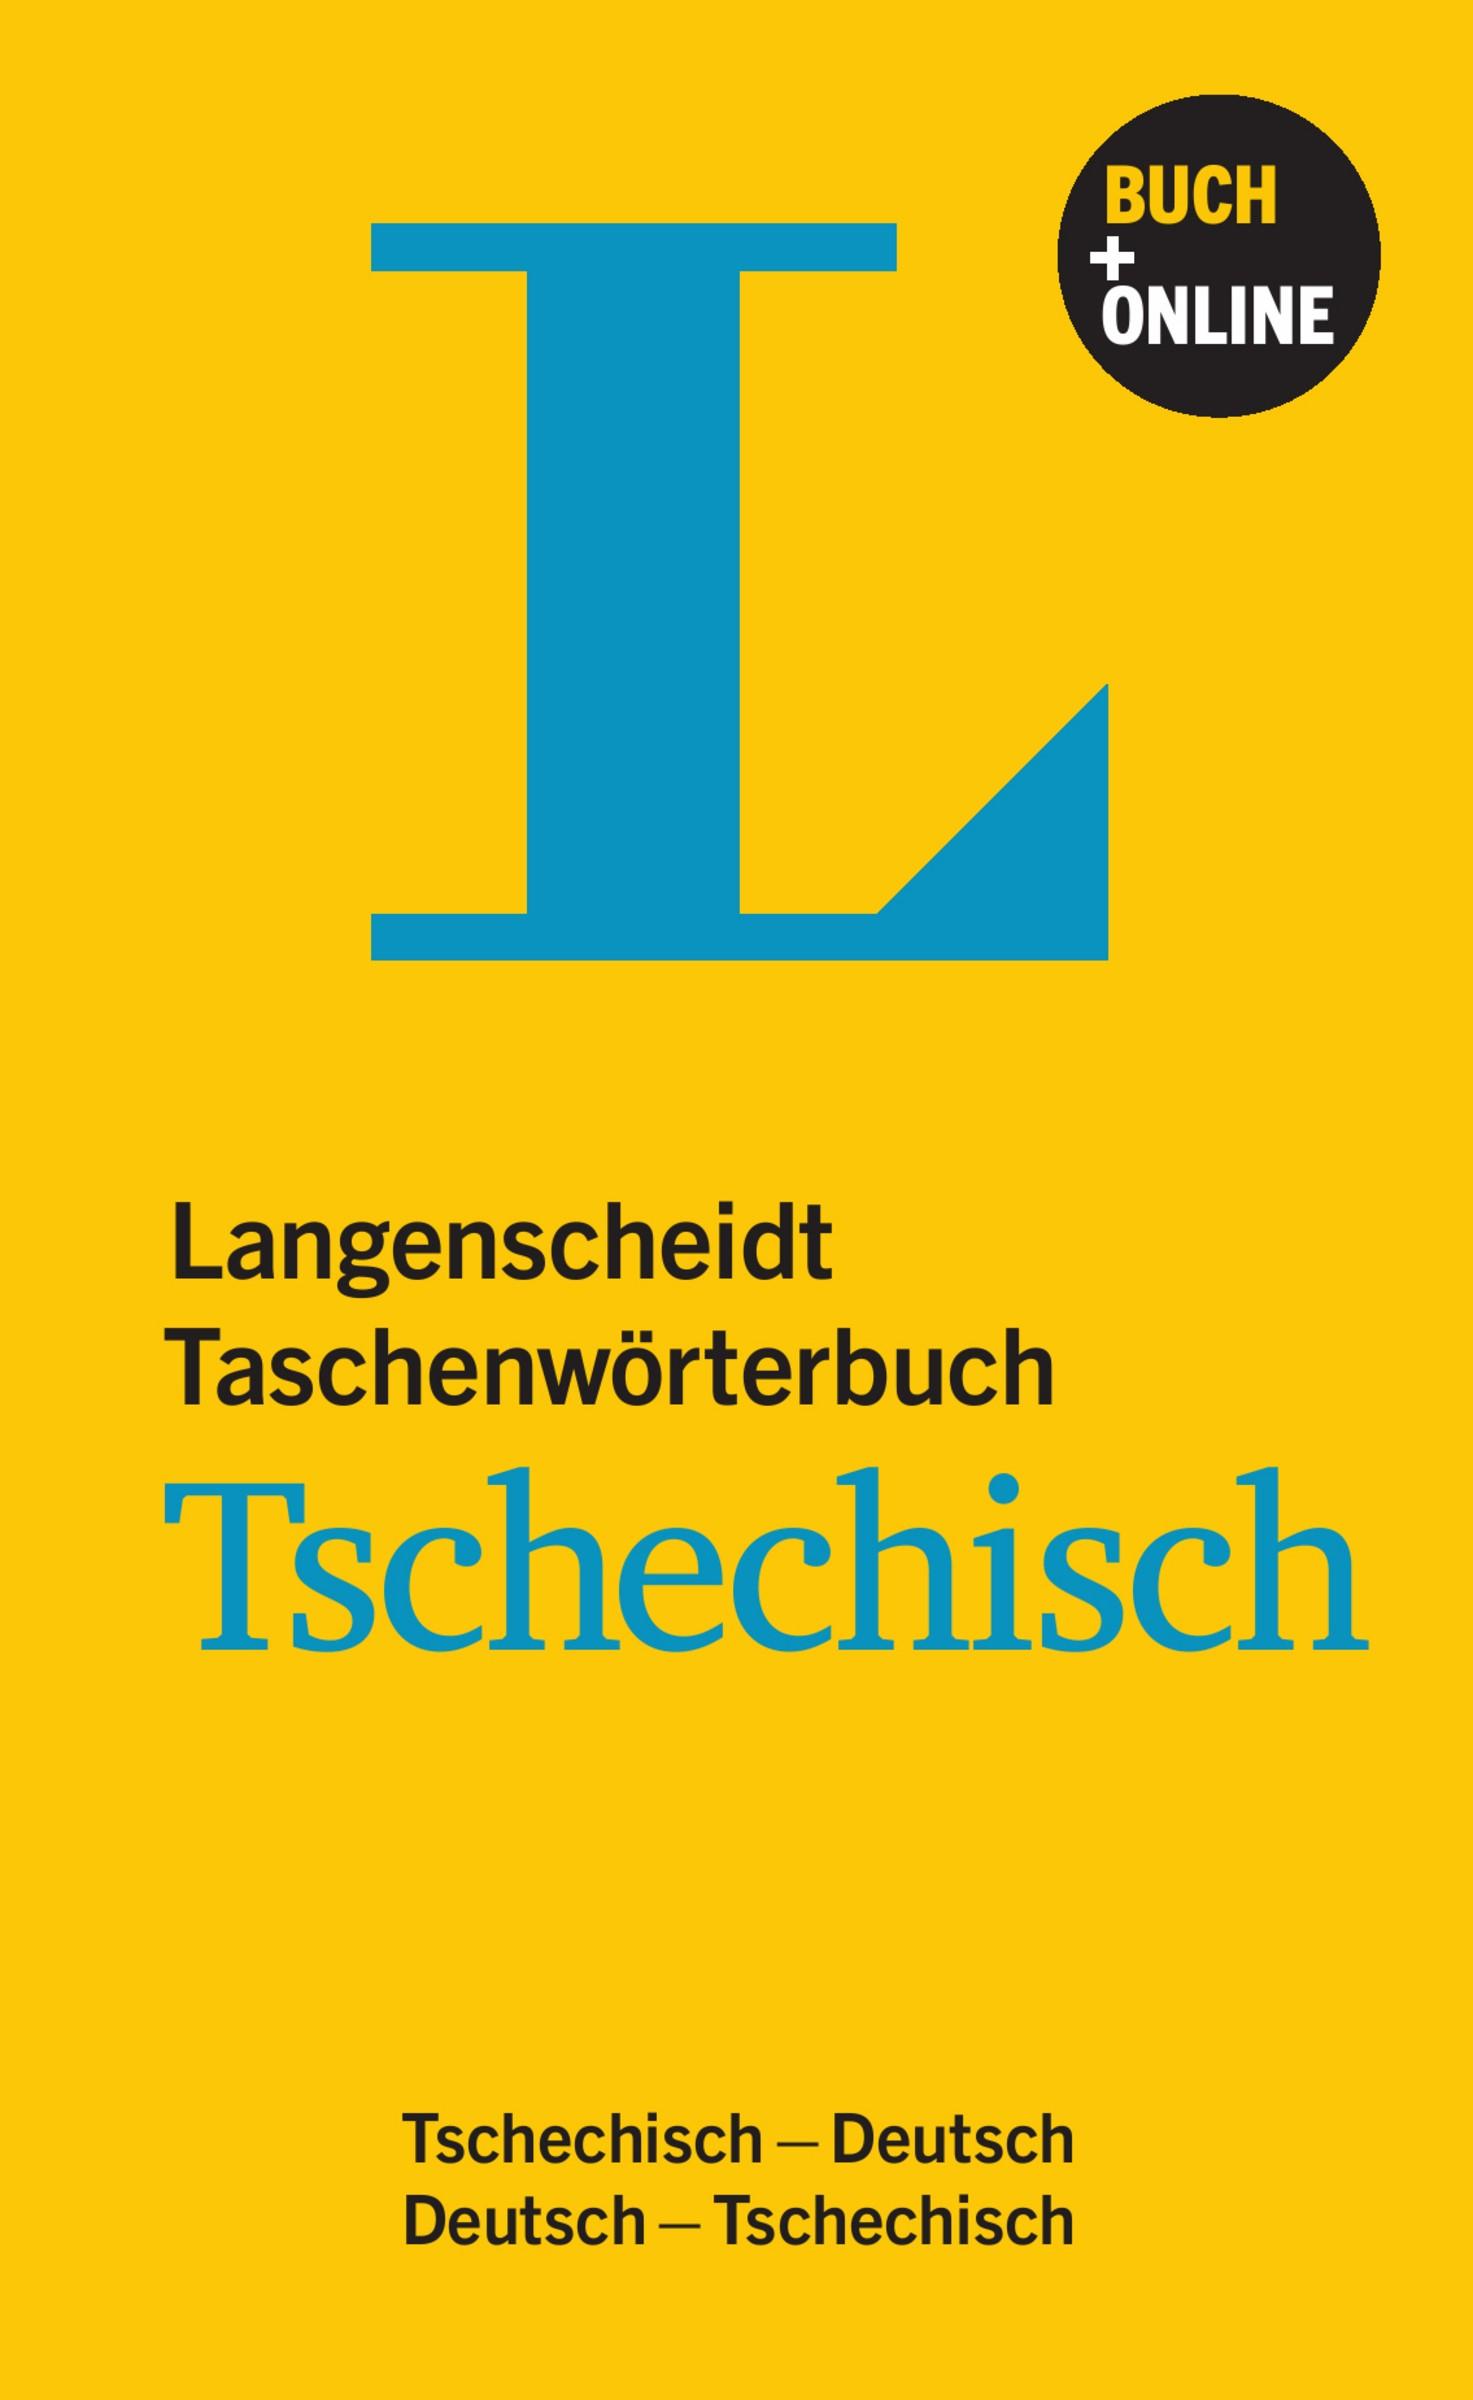 Abbildung von Langenscheidt | Langenscheidt Taschenwörterbuch Tschechisch | 2013